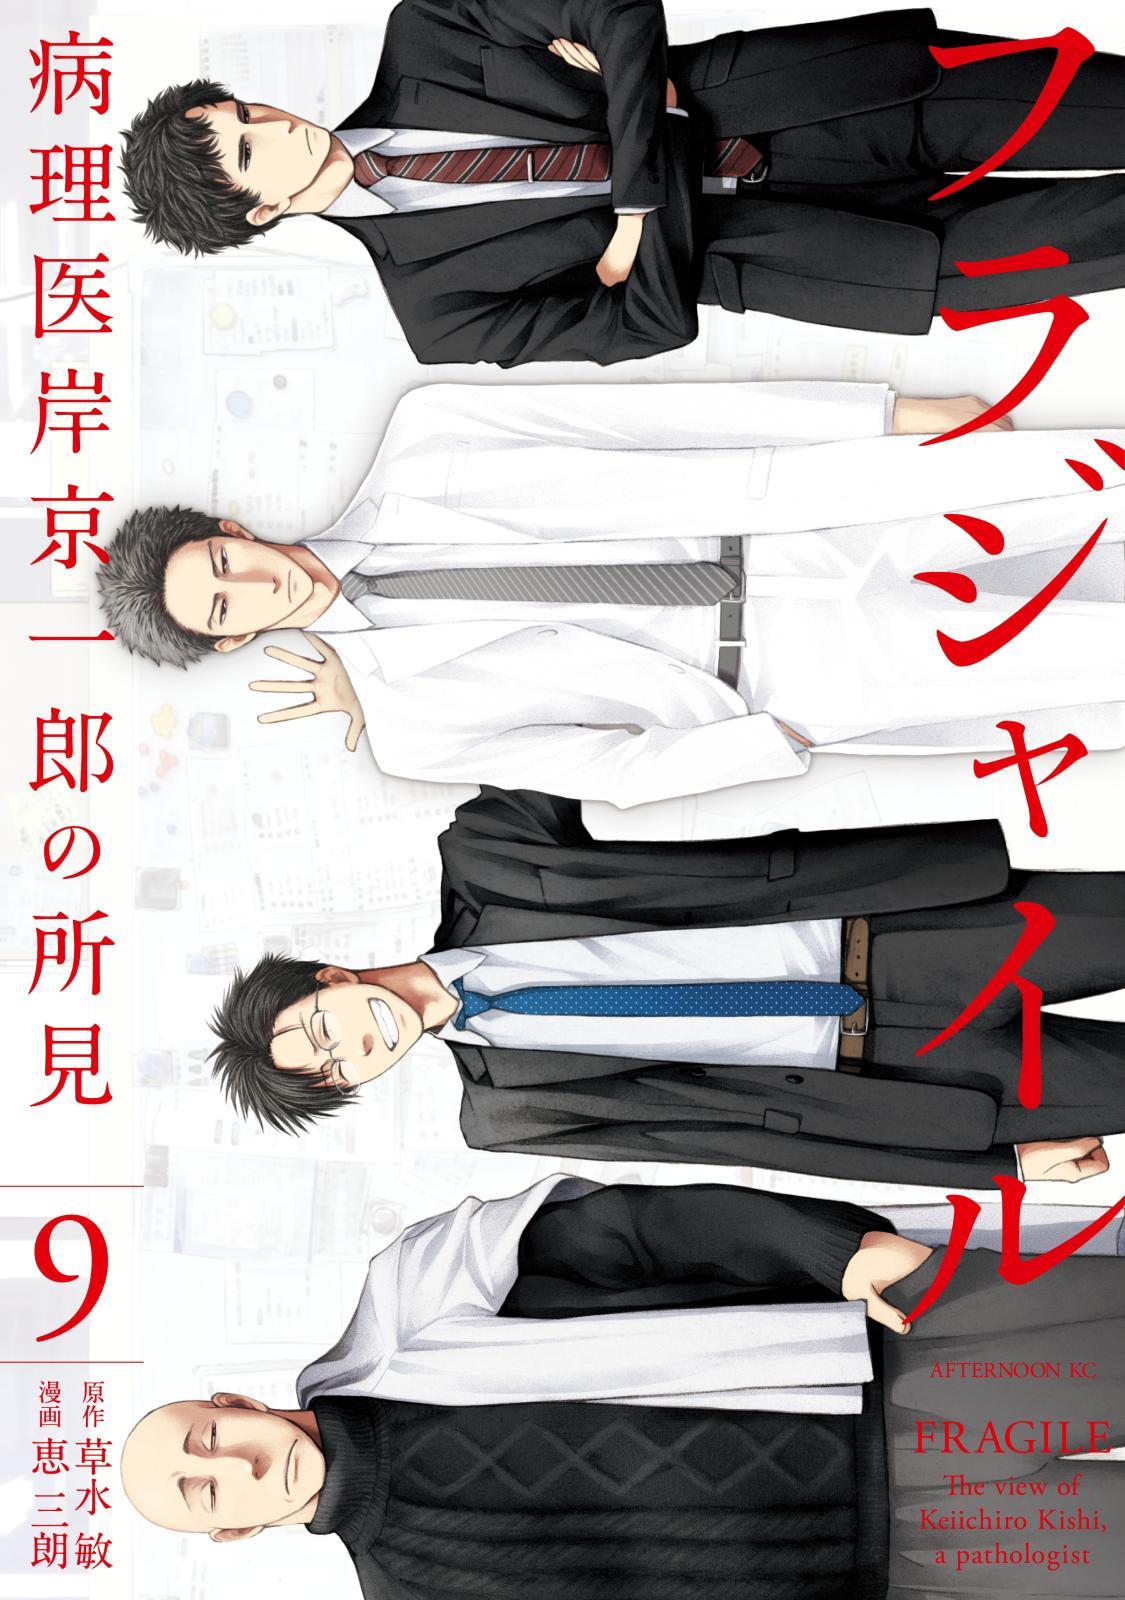 フラジャイル 病理医岸京一郎の所見(9)